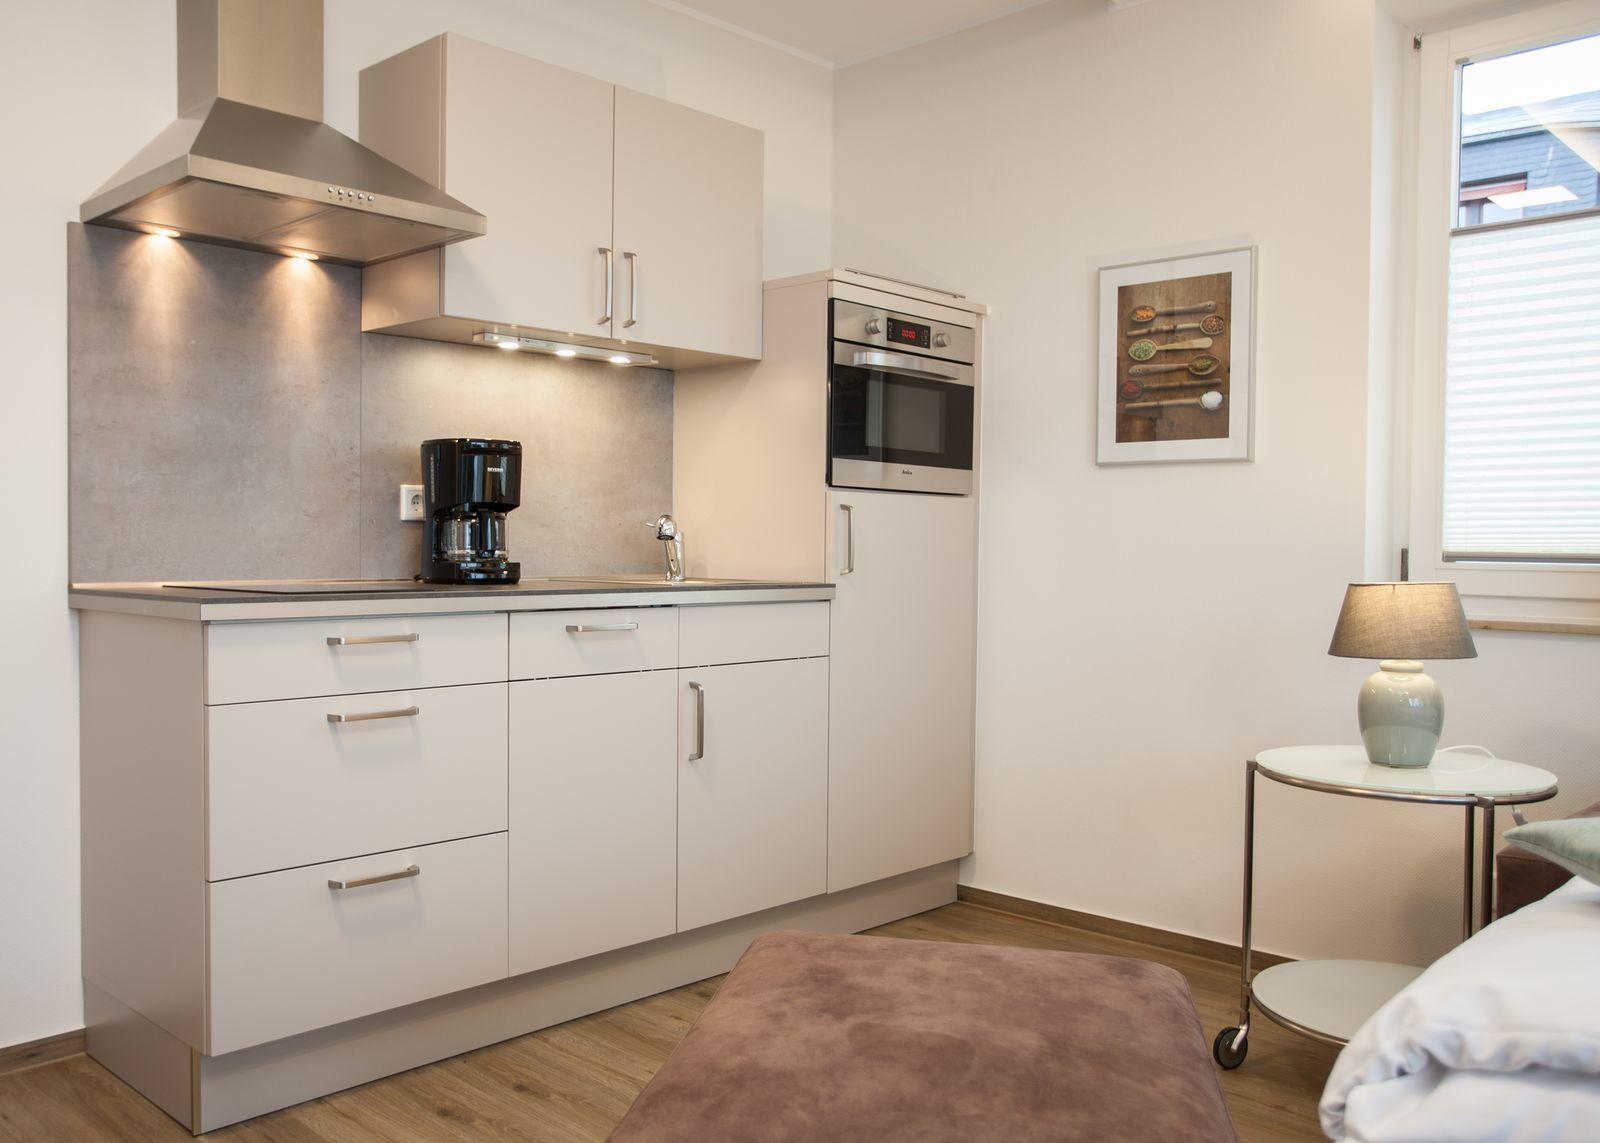 Apartment - Fichtenweg 26A1-W